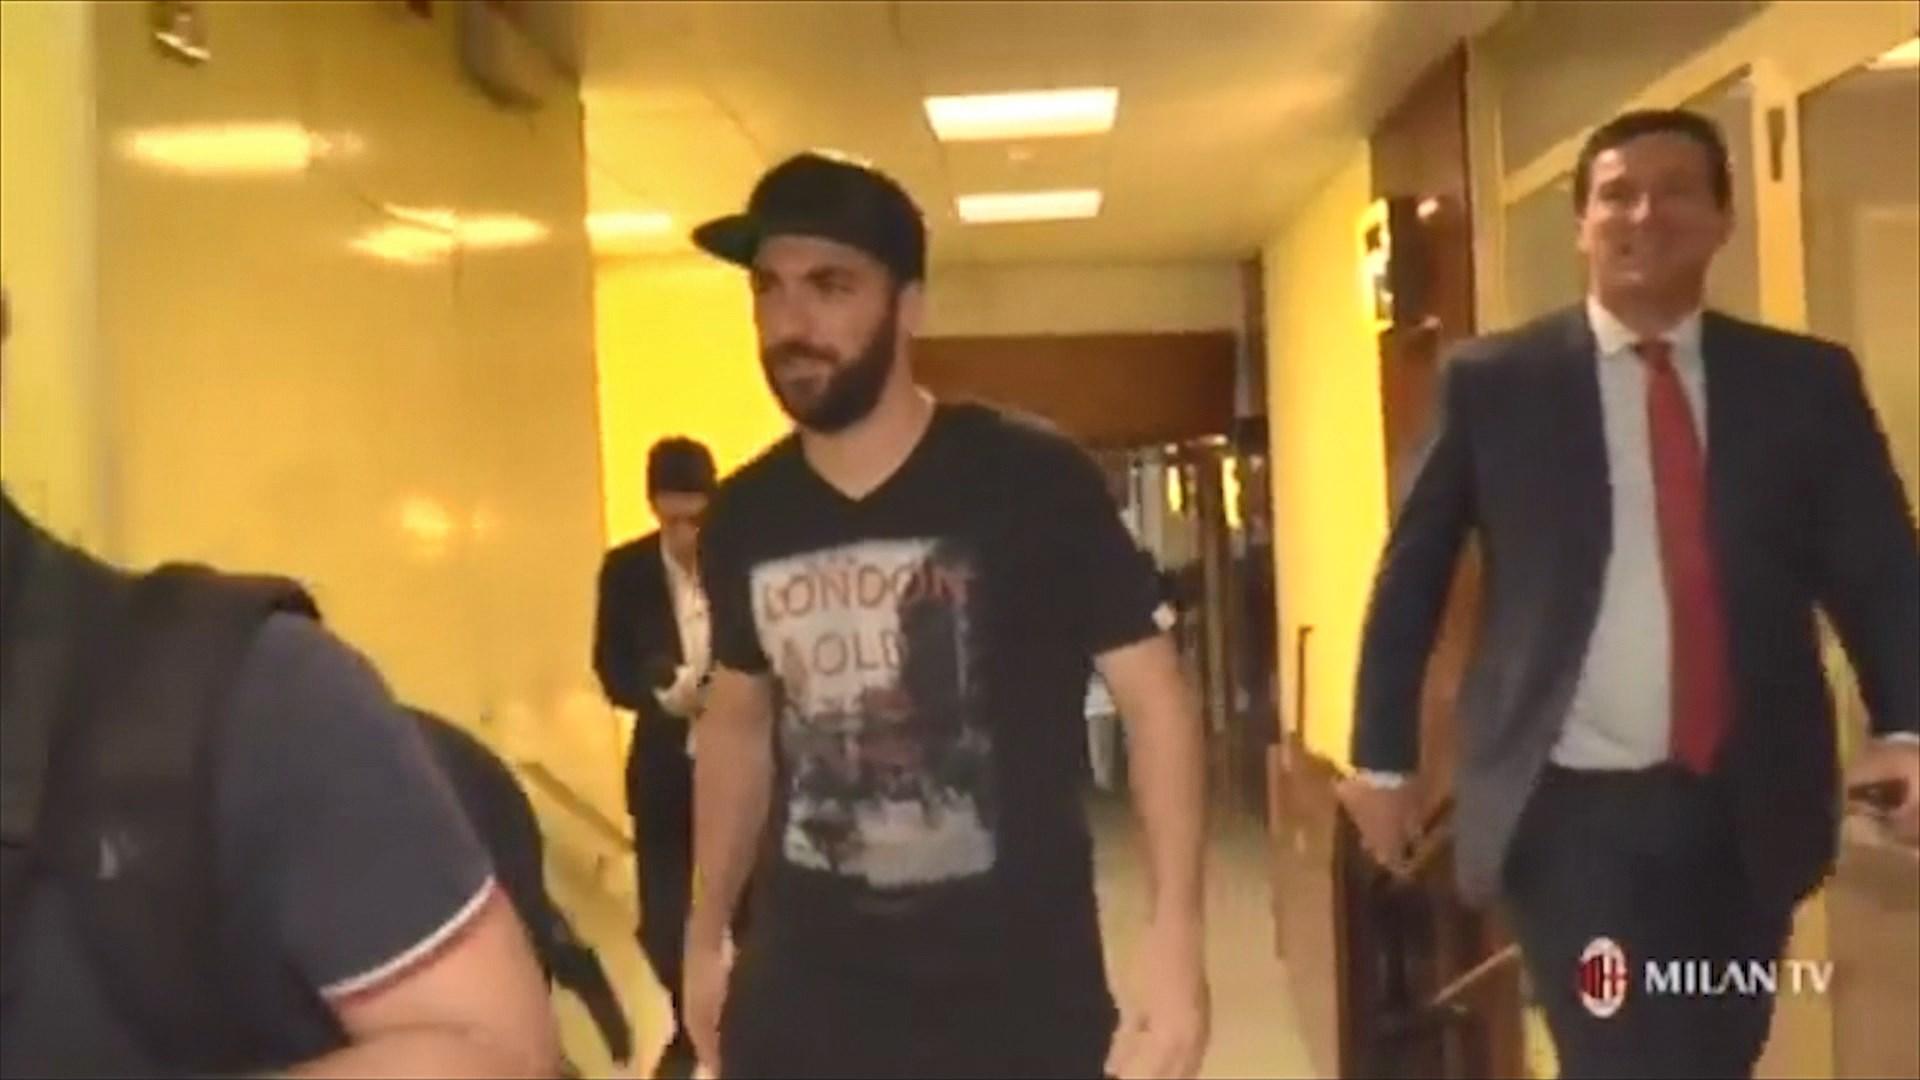 Higuain flet si lojtar i Milanit: Erdha sepse besuan tek unë